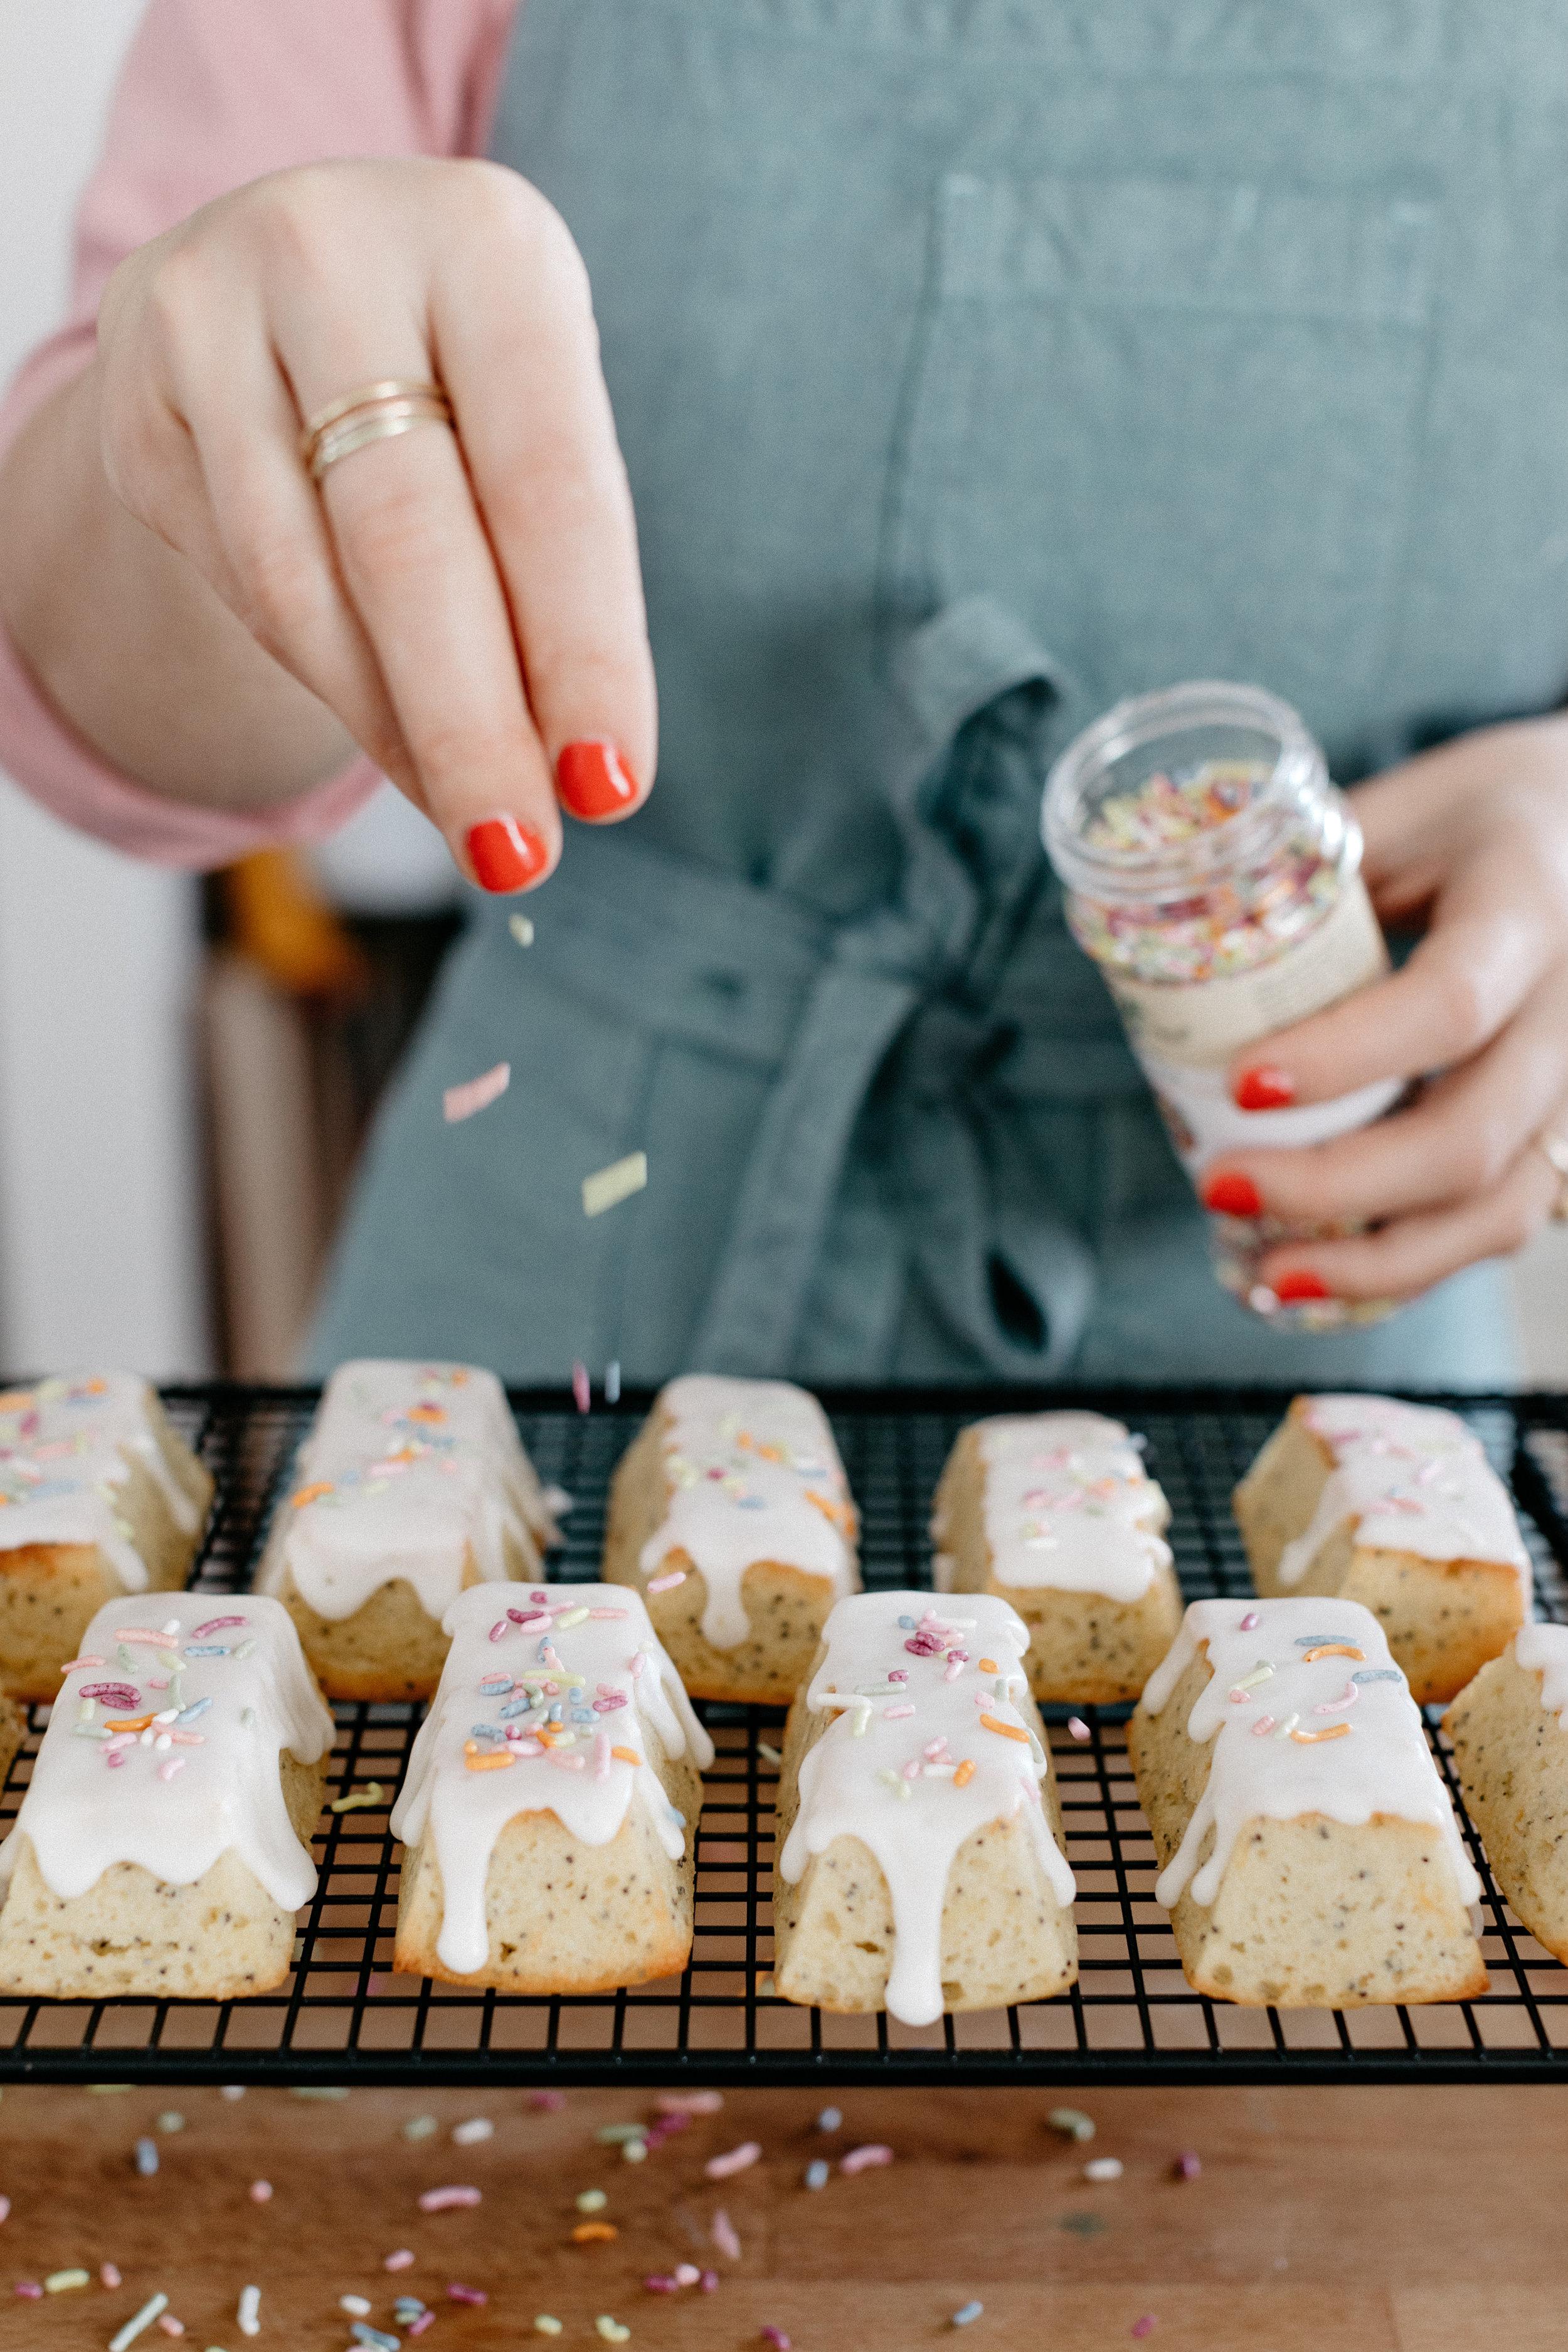 mollyyeh-sprinkled-loaves-2.jpg